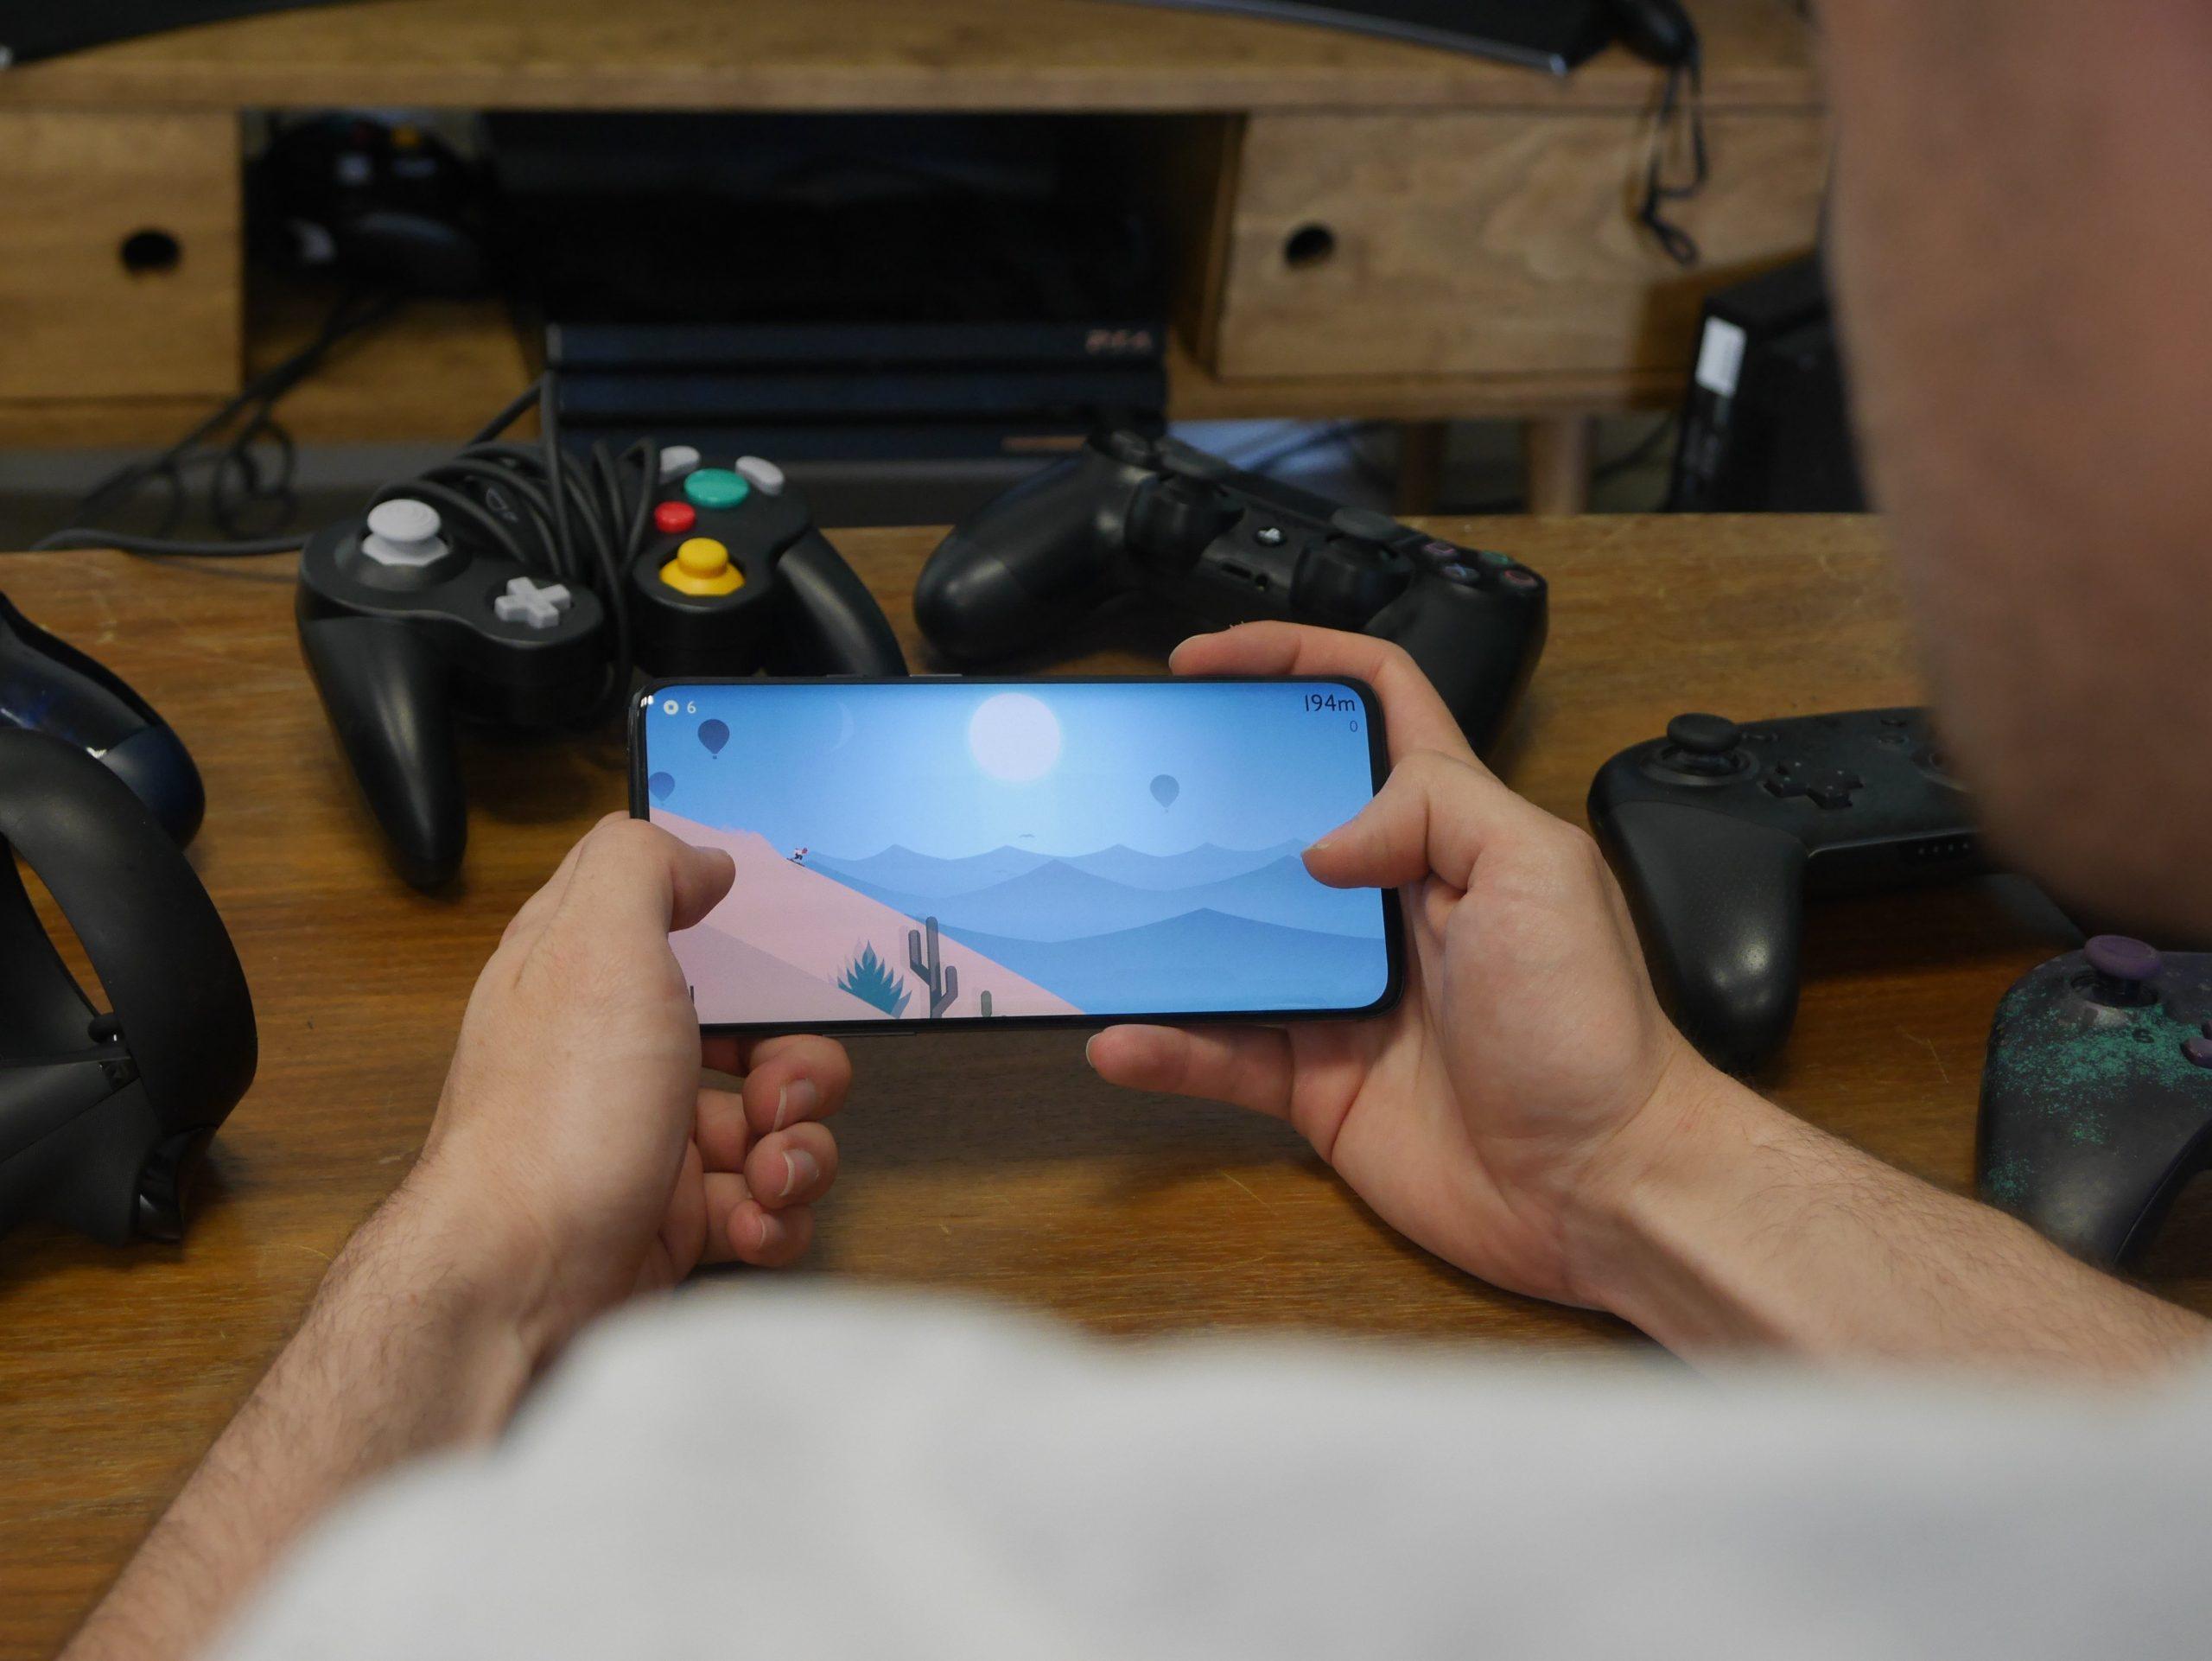 Les Meilleurs Jeux Gratuits Sur Android En 2020 concernant Jeux En Ligne Pour Tout Petit